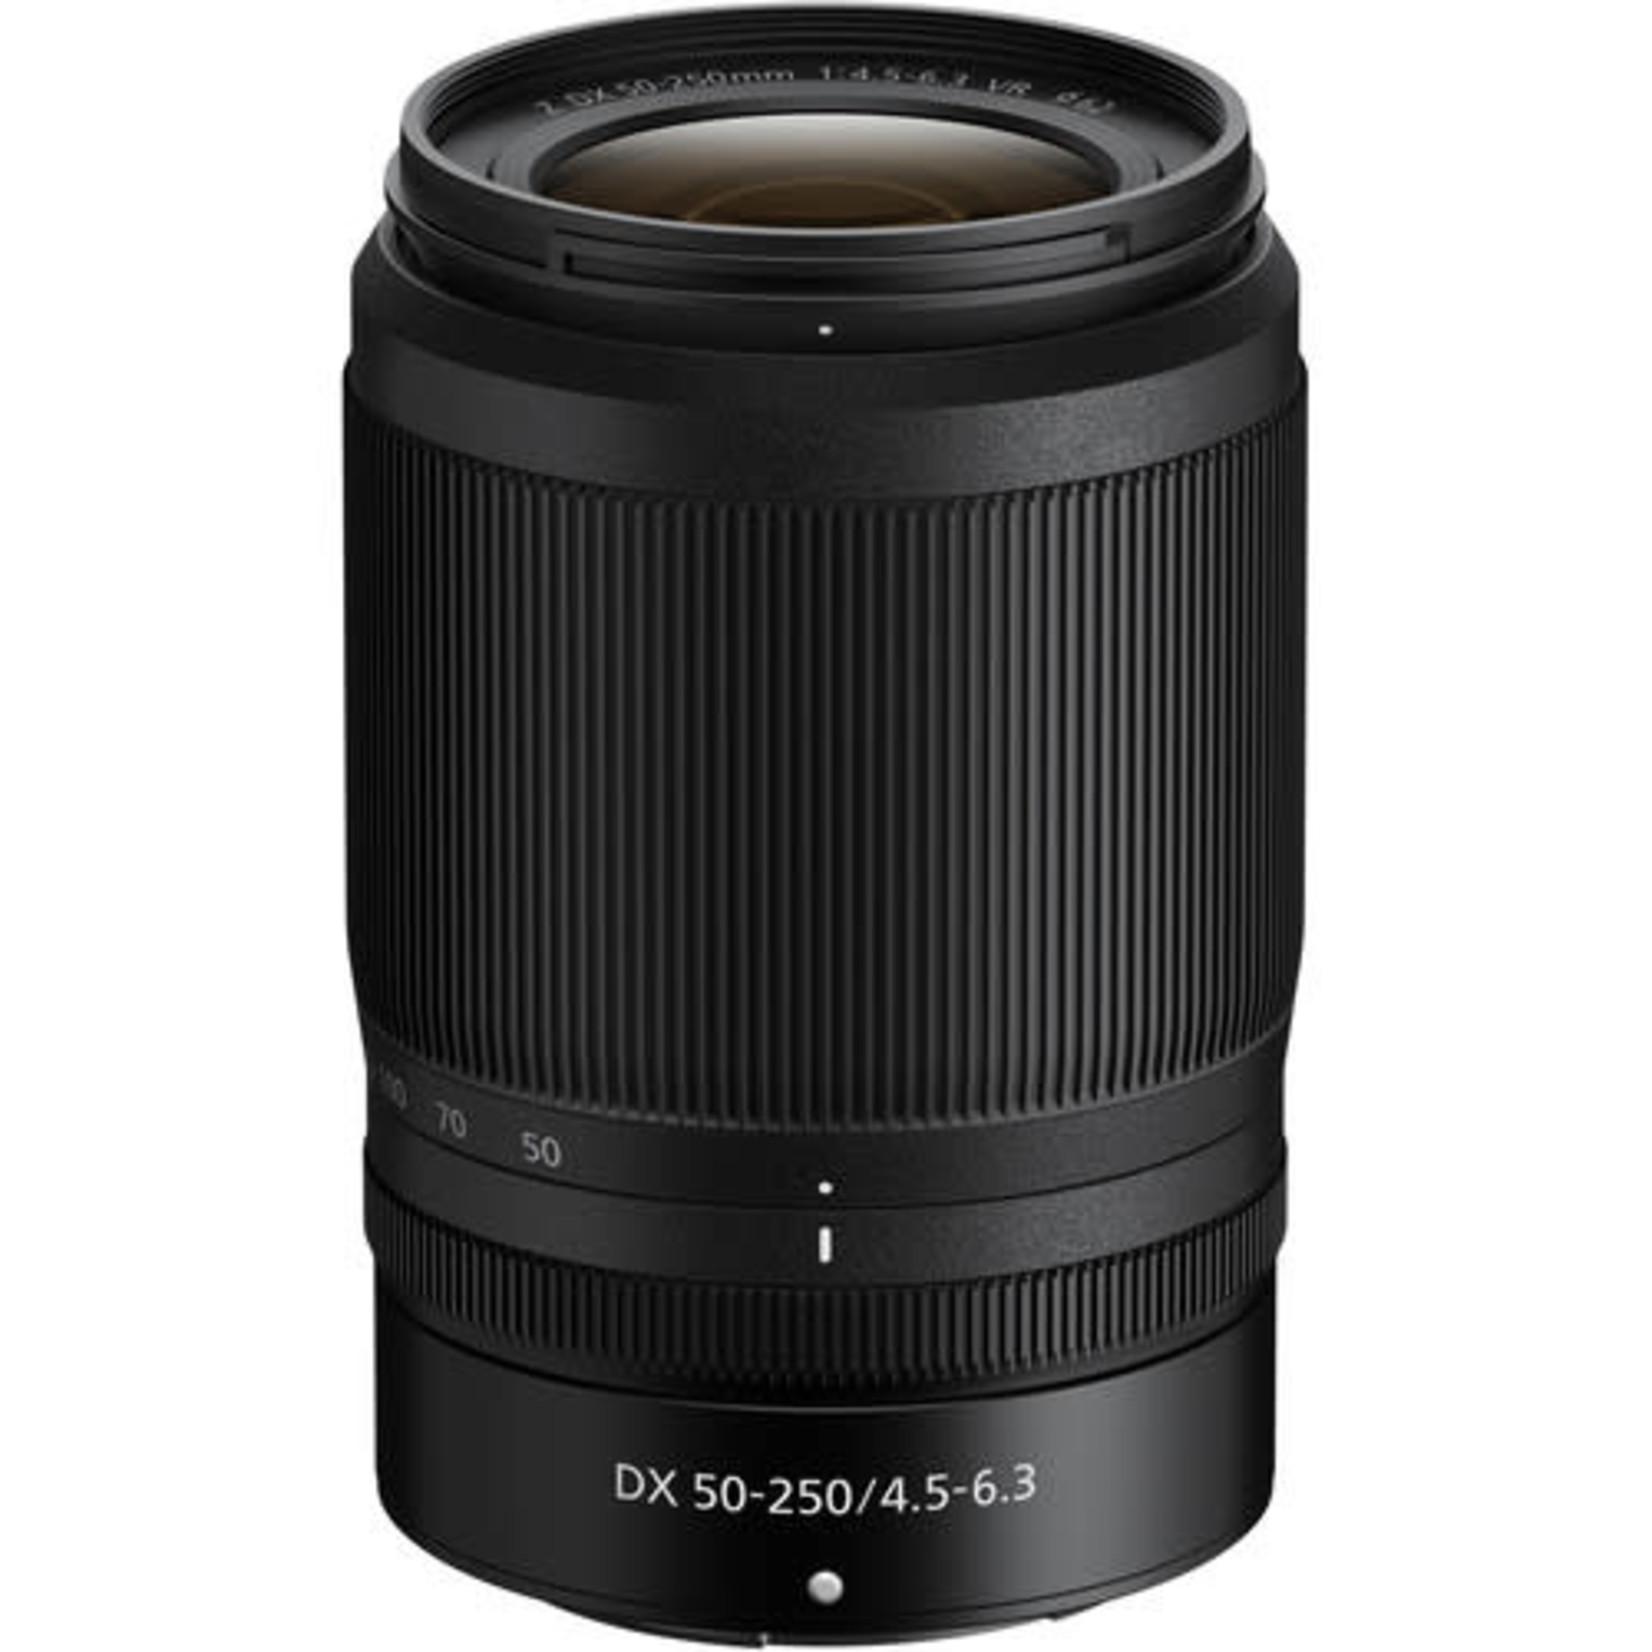 Nikon Nikon NIKKOR Z DX 50-250mm f/4.5-6.3 VR Lens